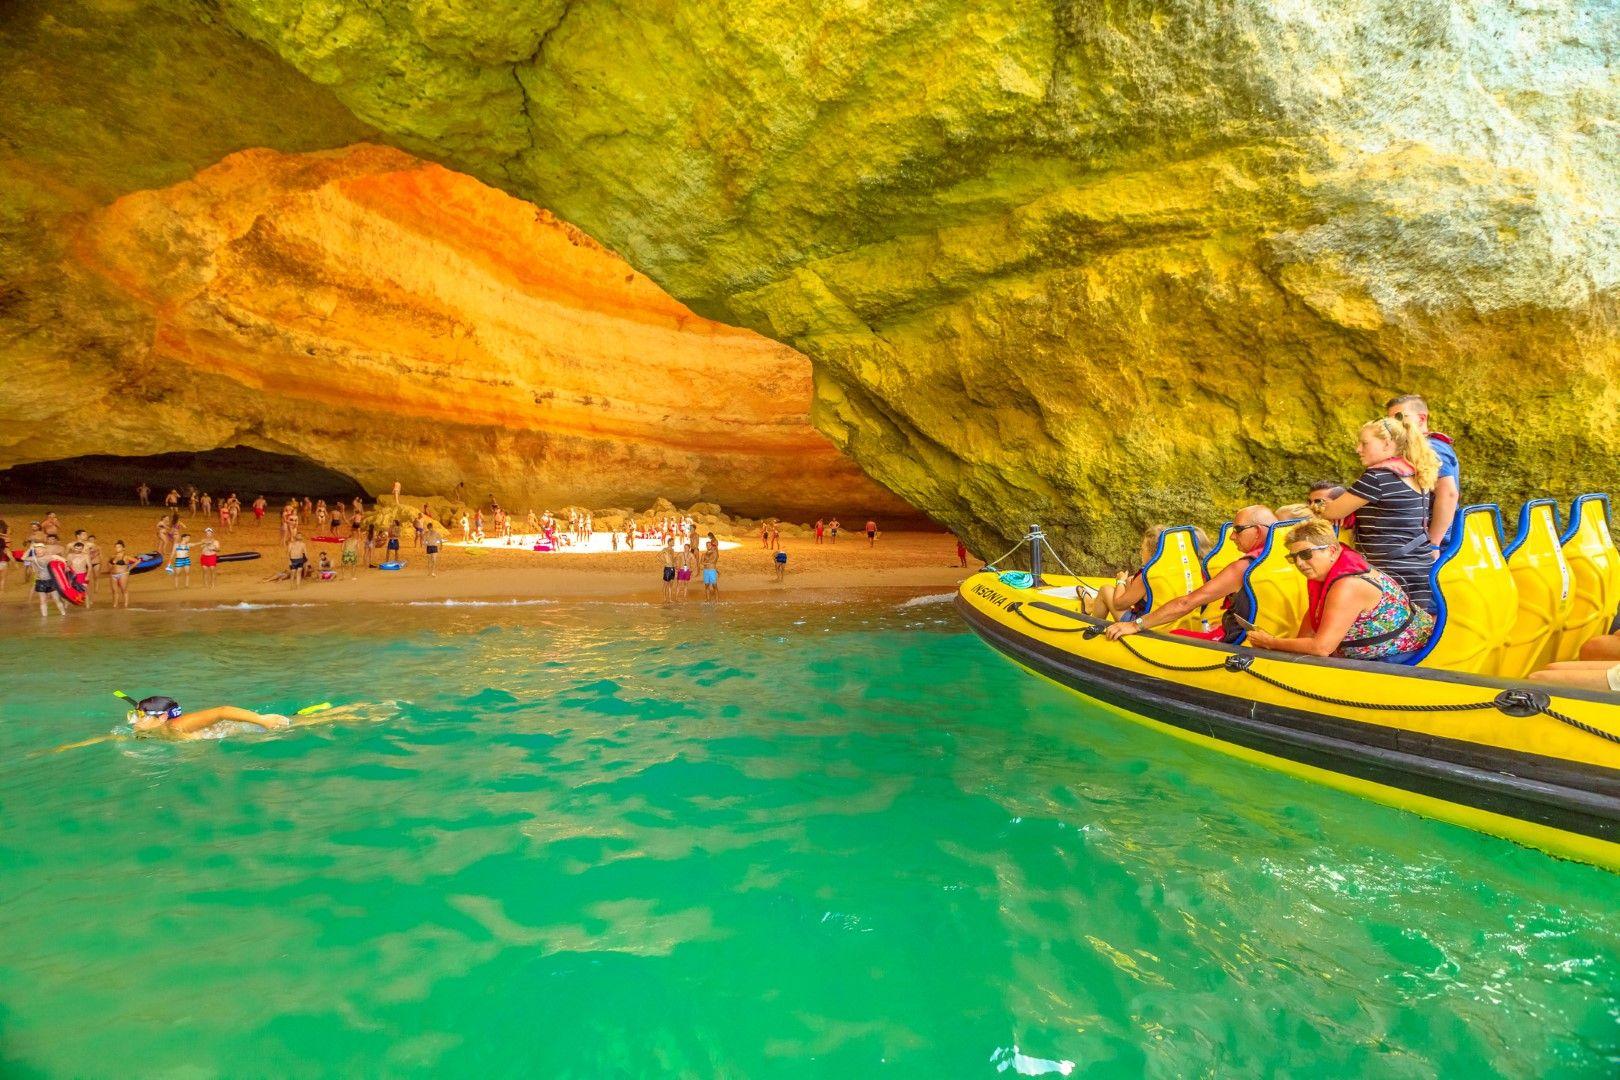 Тези, които идват с лодка, не могат да слязат на плажа в пещерата